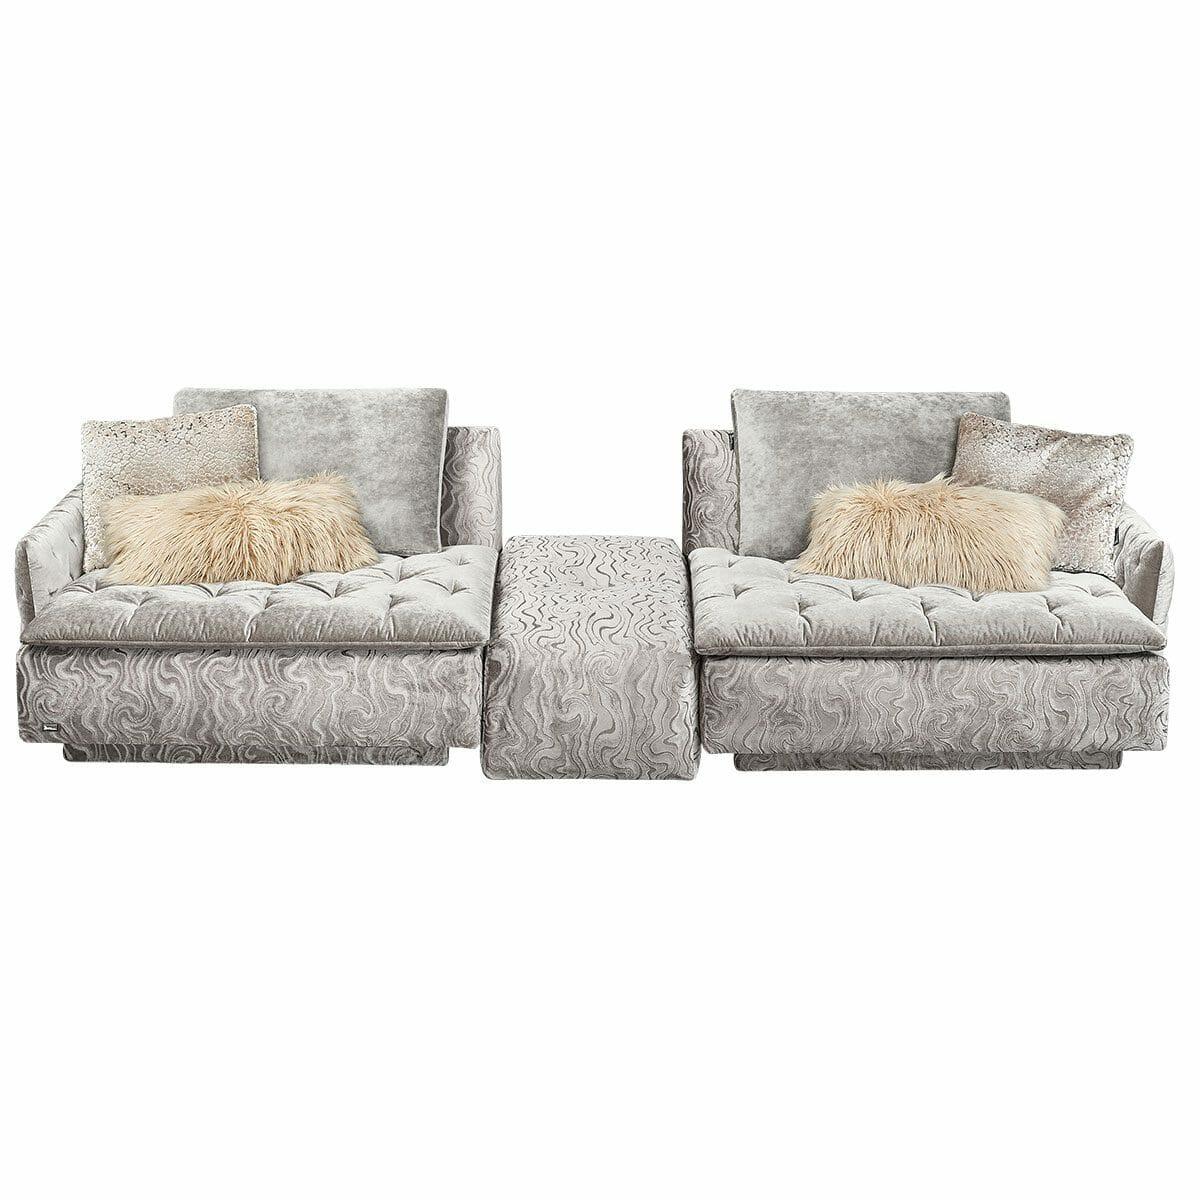 couch im angebot bfamous schenkelma x cm materialmix schwarzgrau with couch im angebot couch. Black Bedroom Furniture Sets. Home Design Ideas